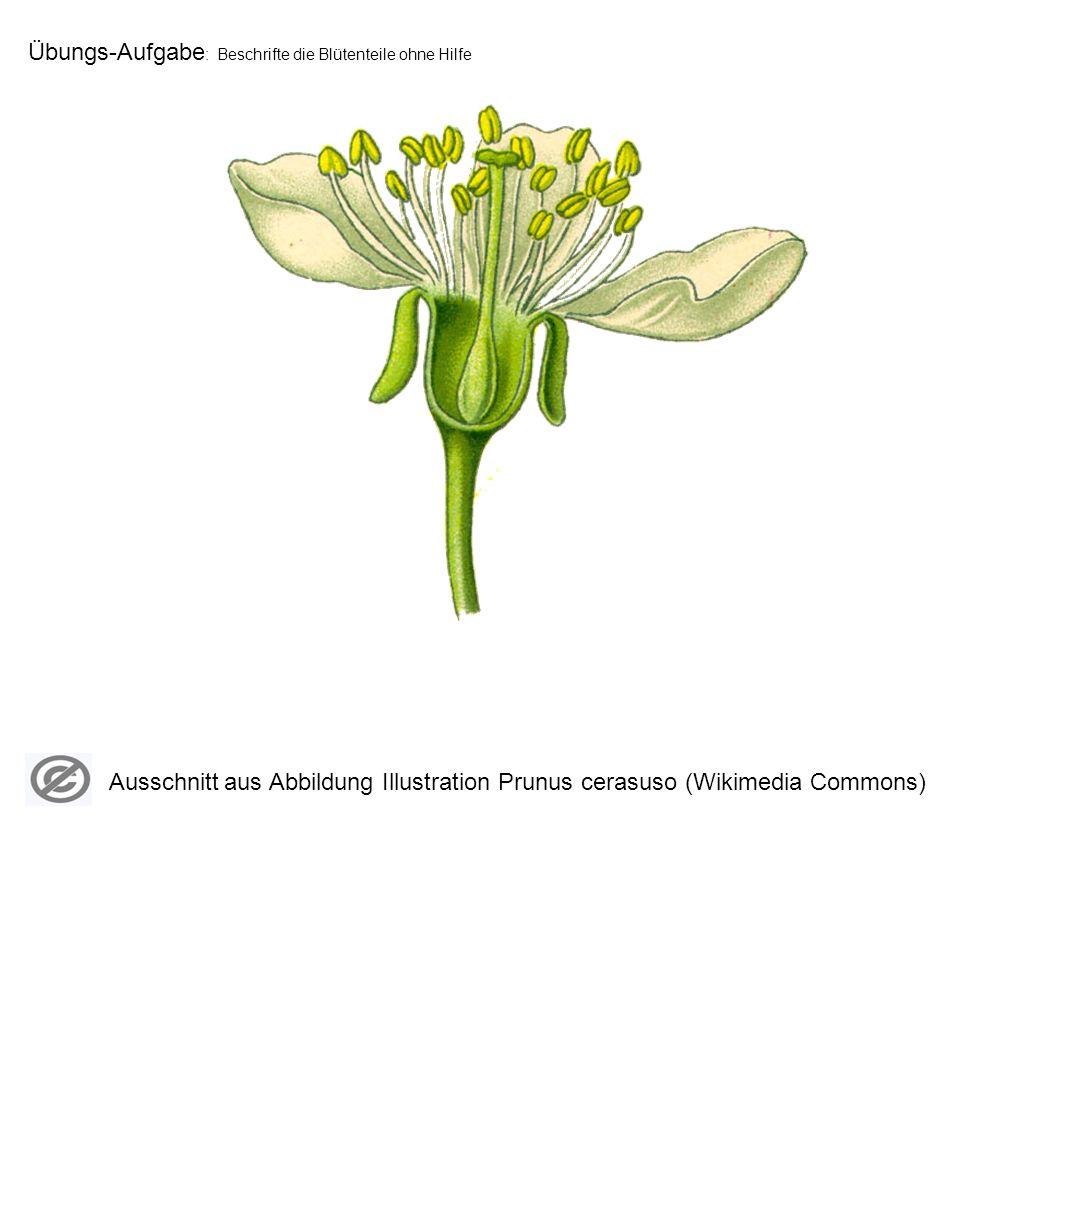 Übungs-Aufgabe: Zeichne eine Blüte mit ihren typischen Bestandteilen und beschrifte sie.